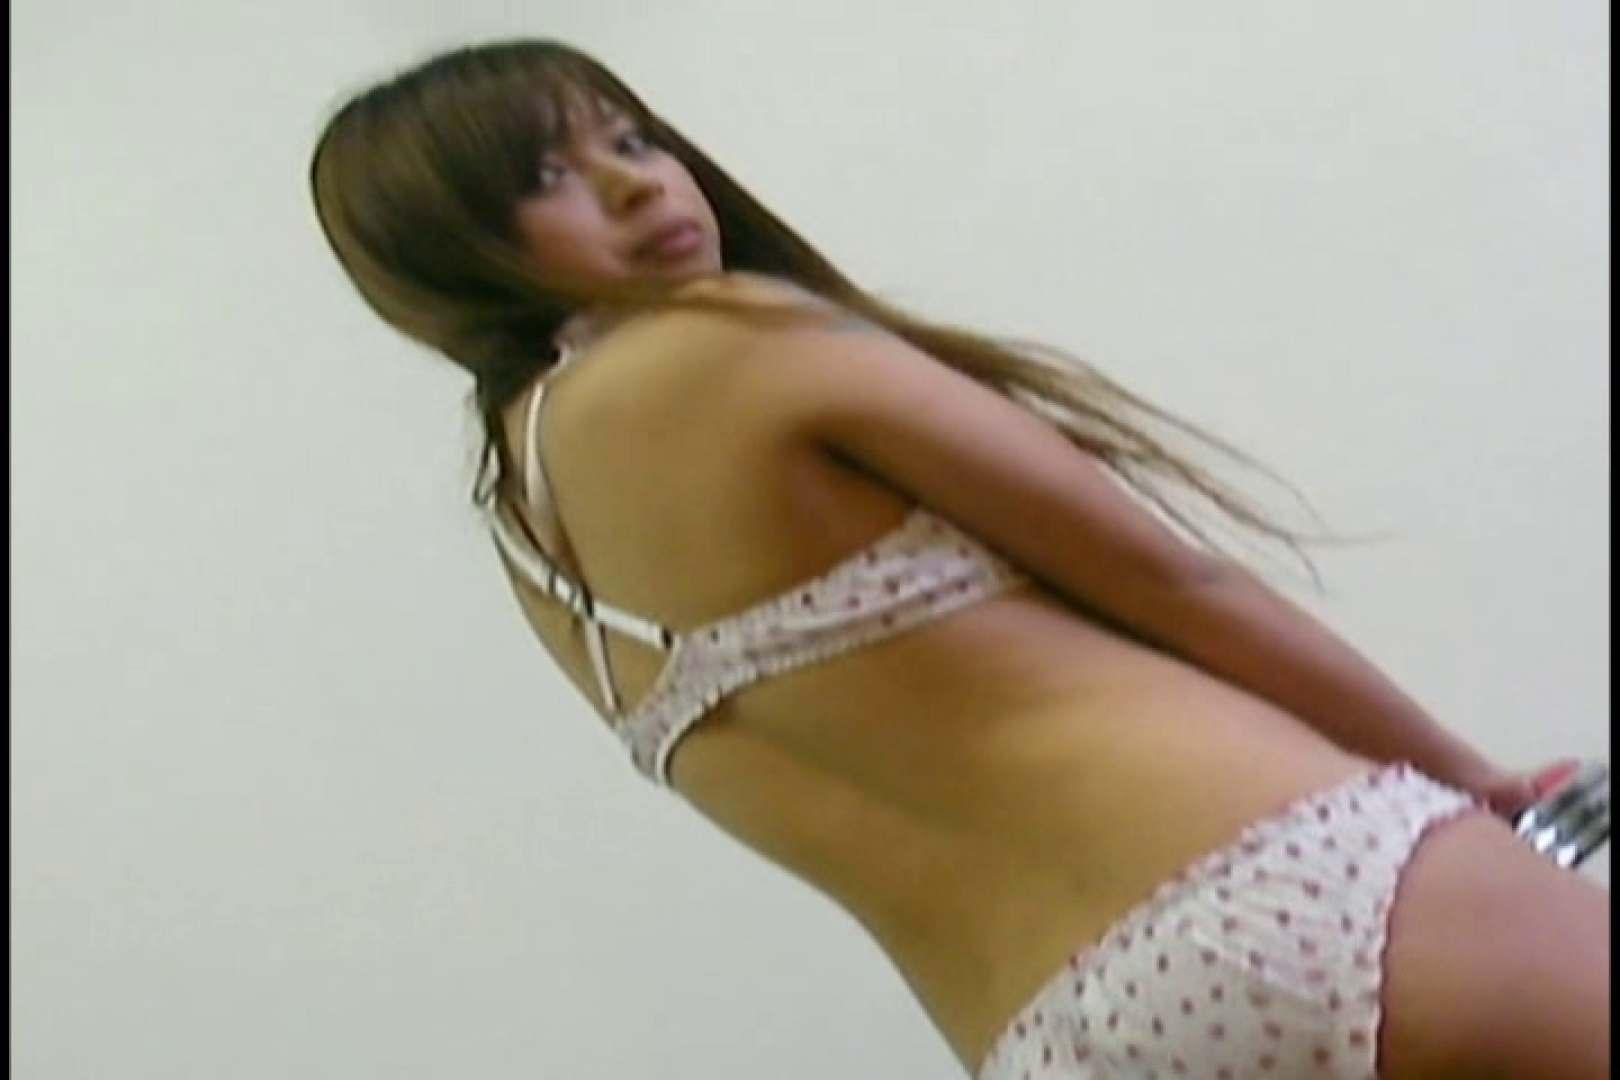 素人撮影 下着だけの撮影のはずが・・・ よしこ23歳 パンツ SEX無修正画像 98pic 27